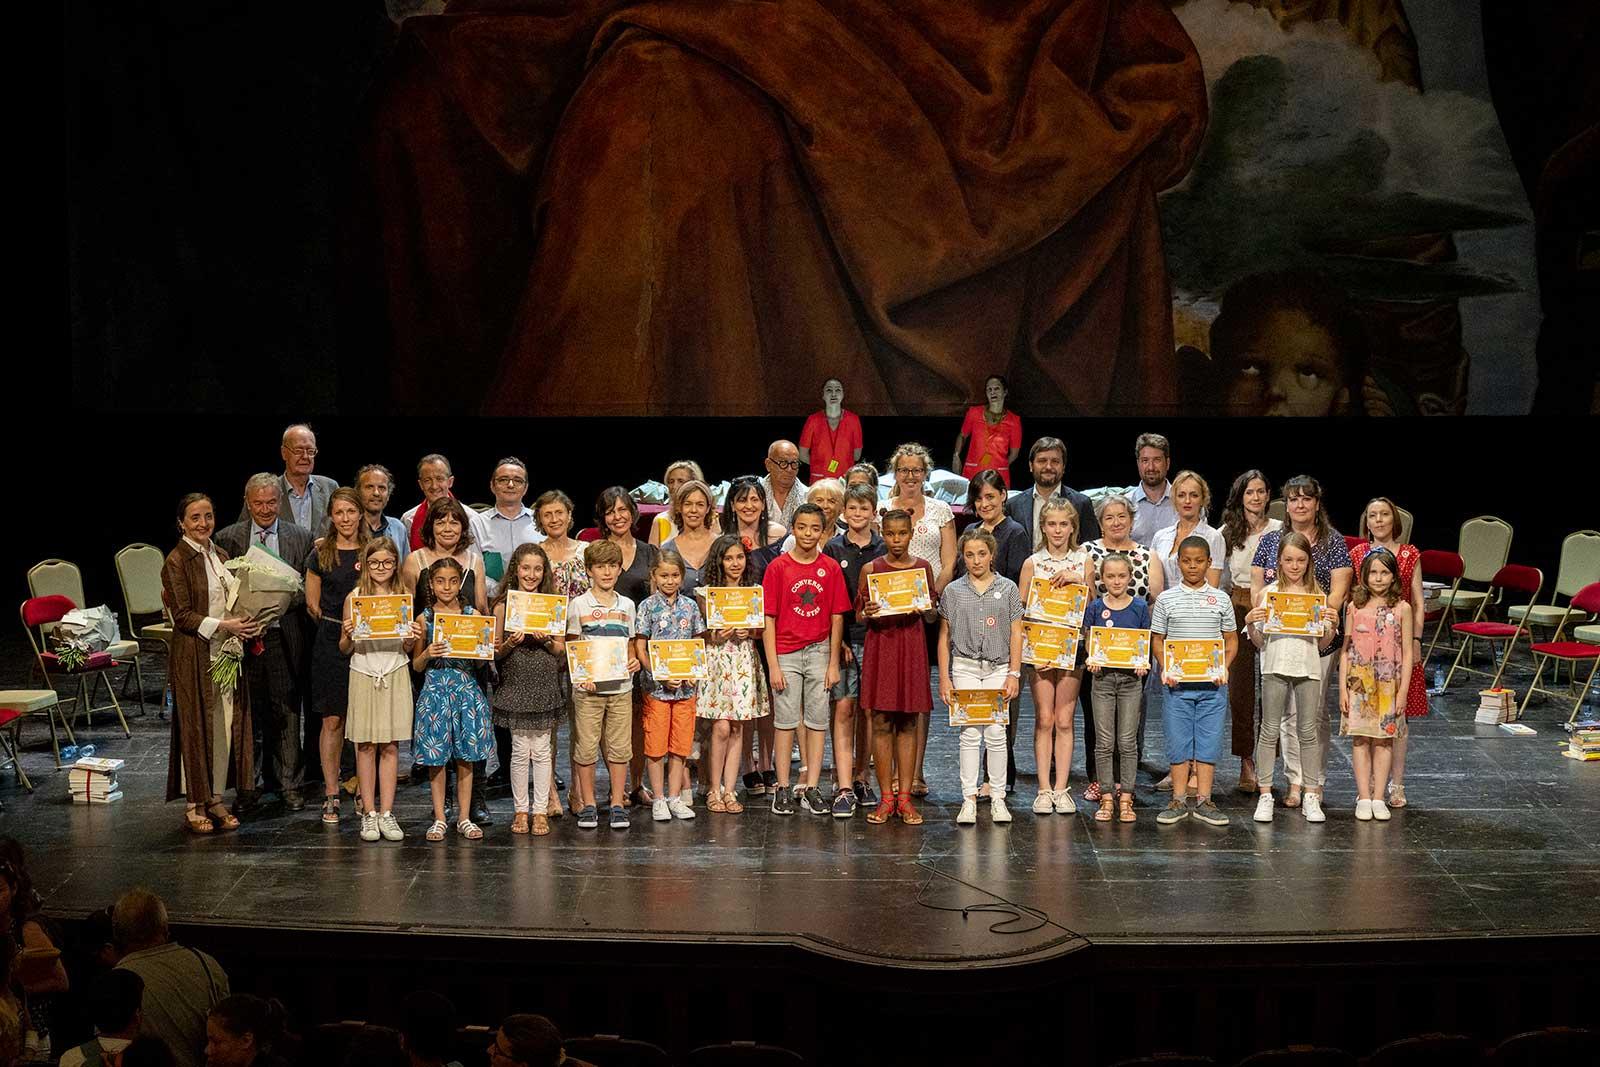 Les quatorze finalistes et les autrices sur la scène de la Comédie-Française.